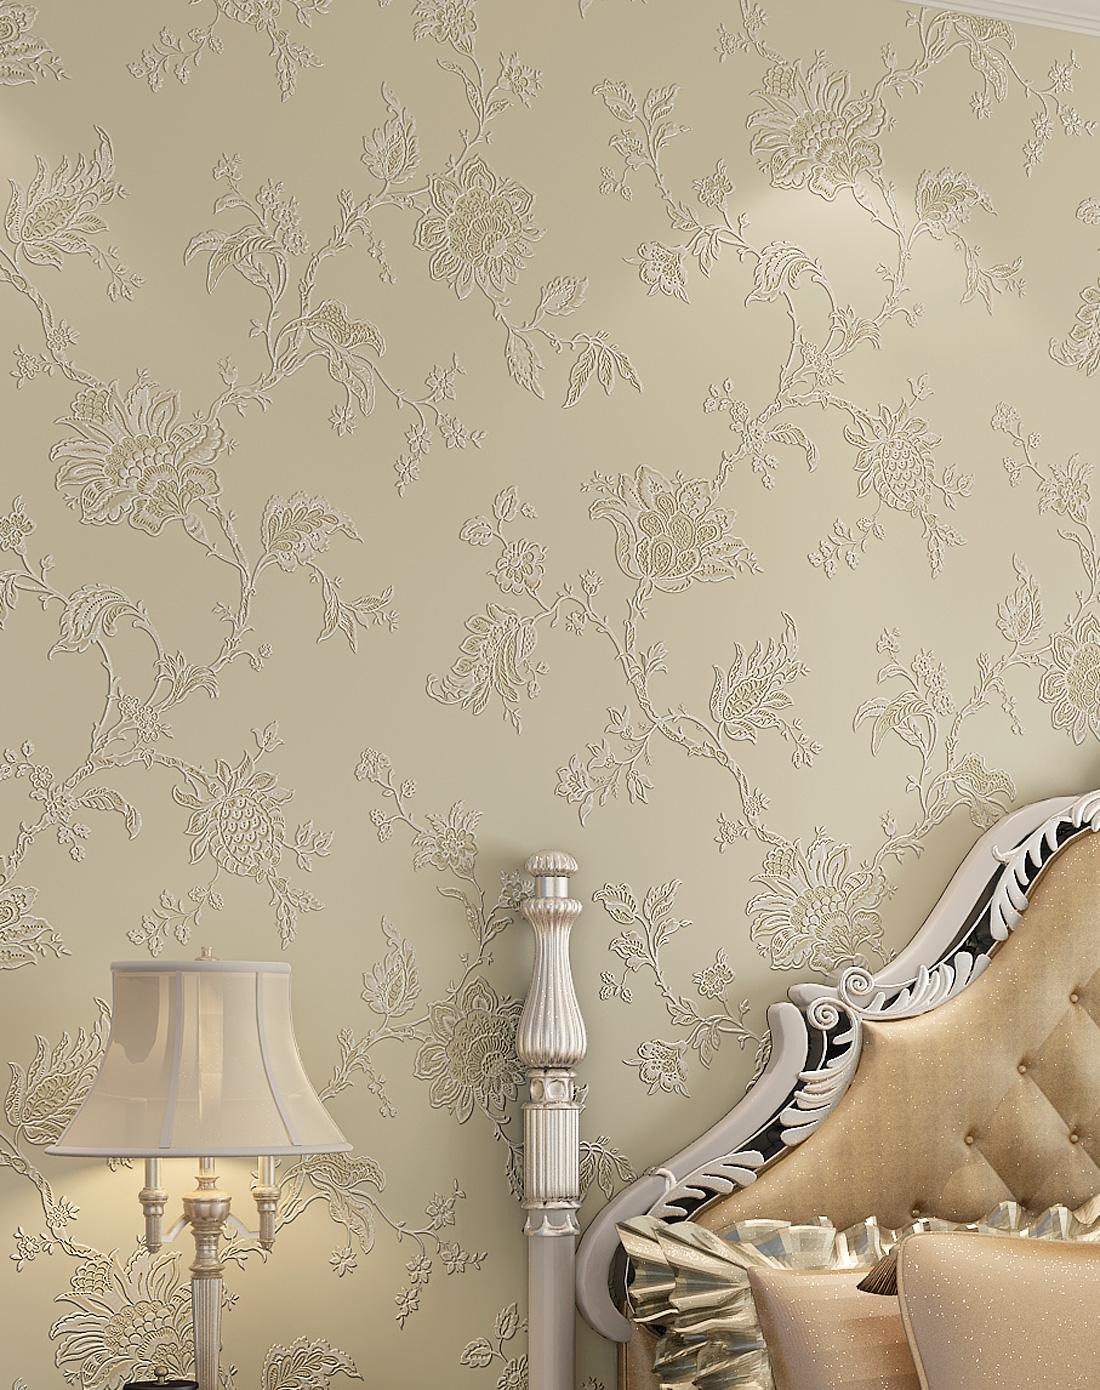 纸尚美学墙纸专场欧式简约风格立体浮雕3d壁纸2111020